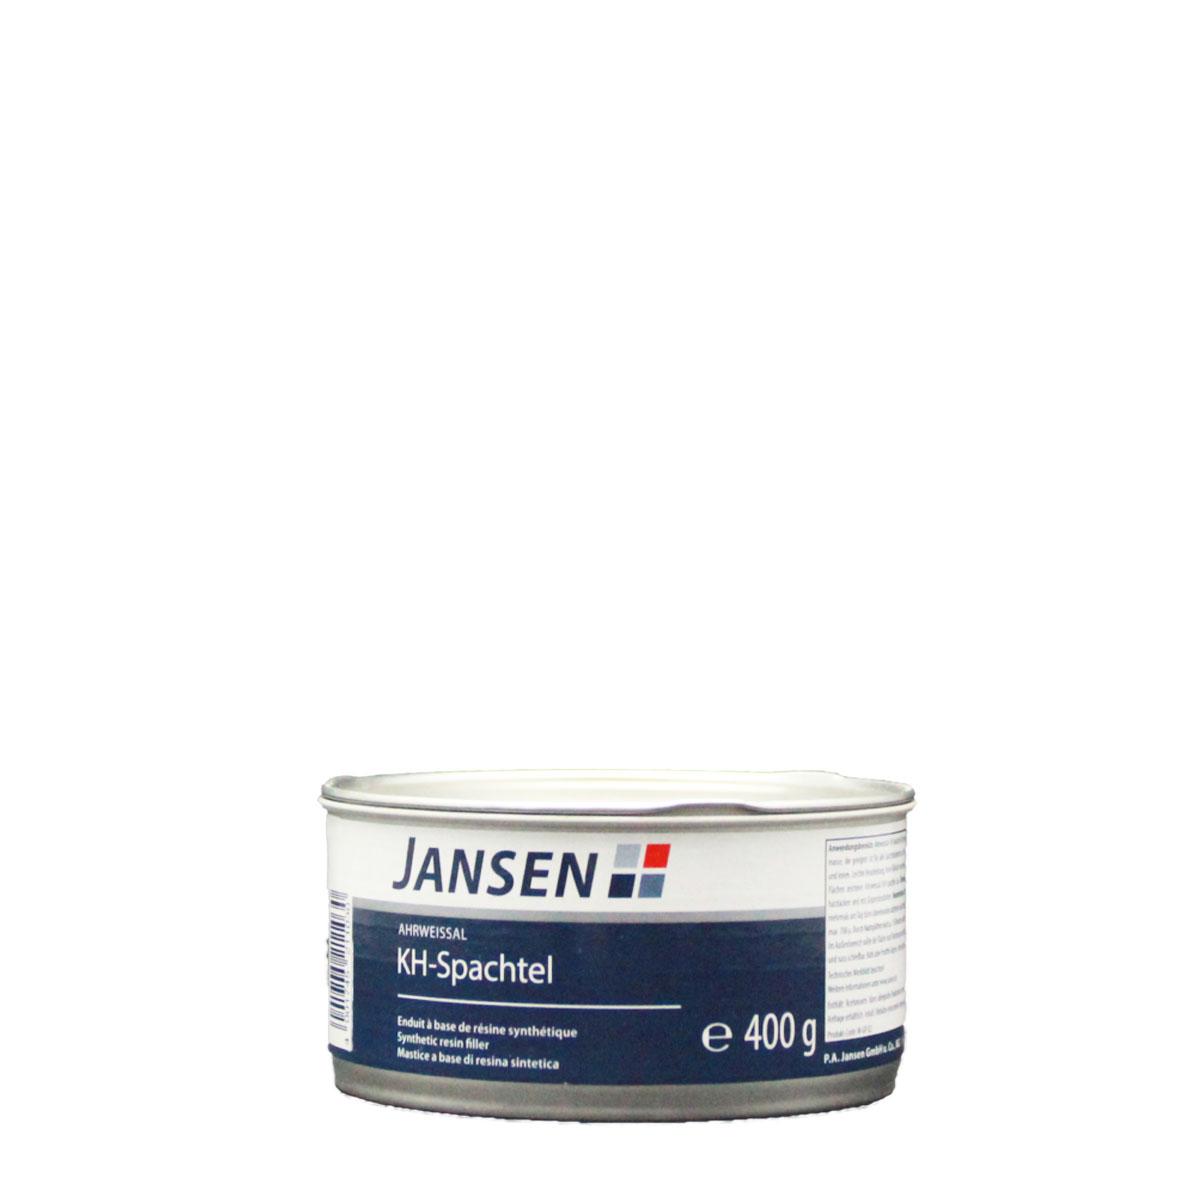 Jansen Ahrweissal KH-Spachtel 400g ,Kunstharzspachtel